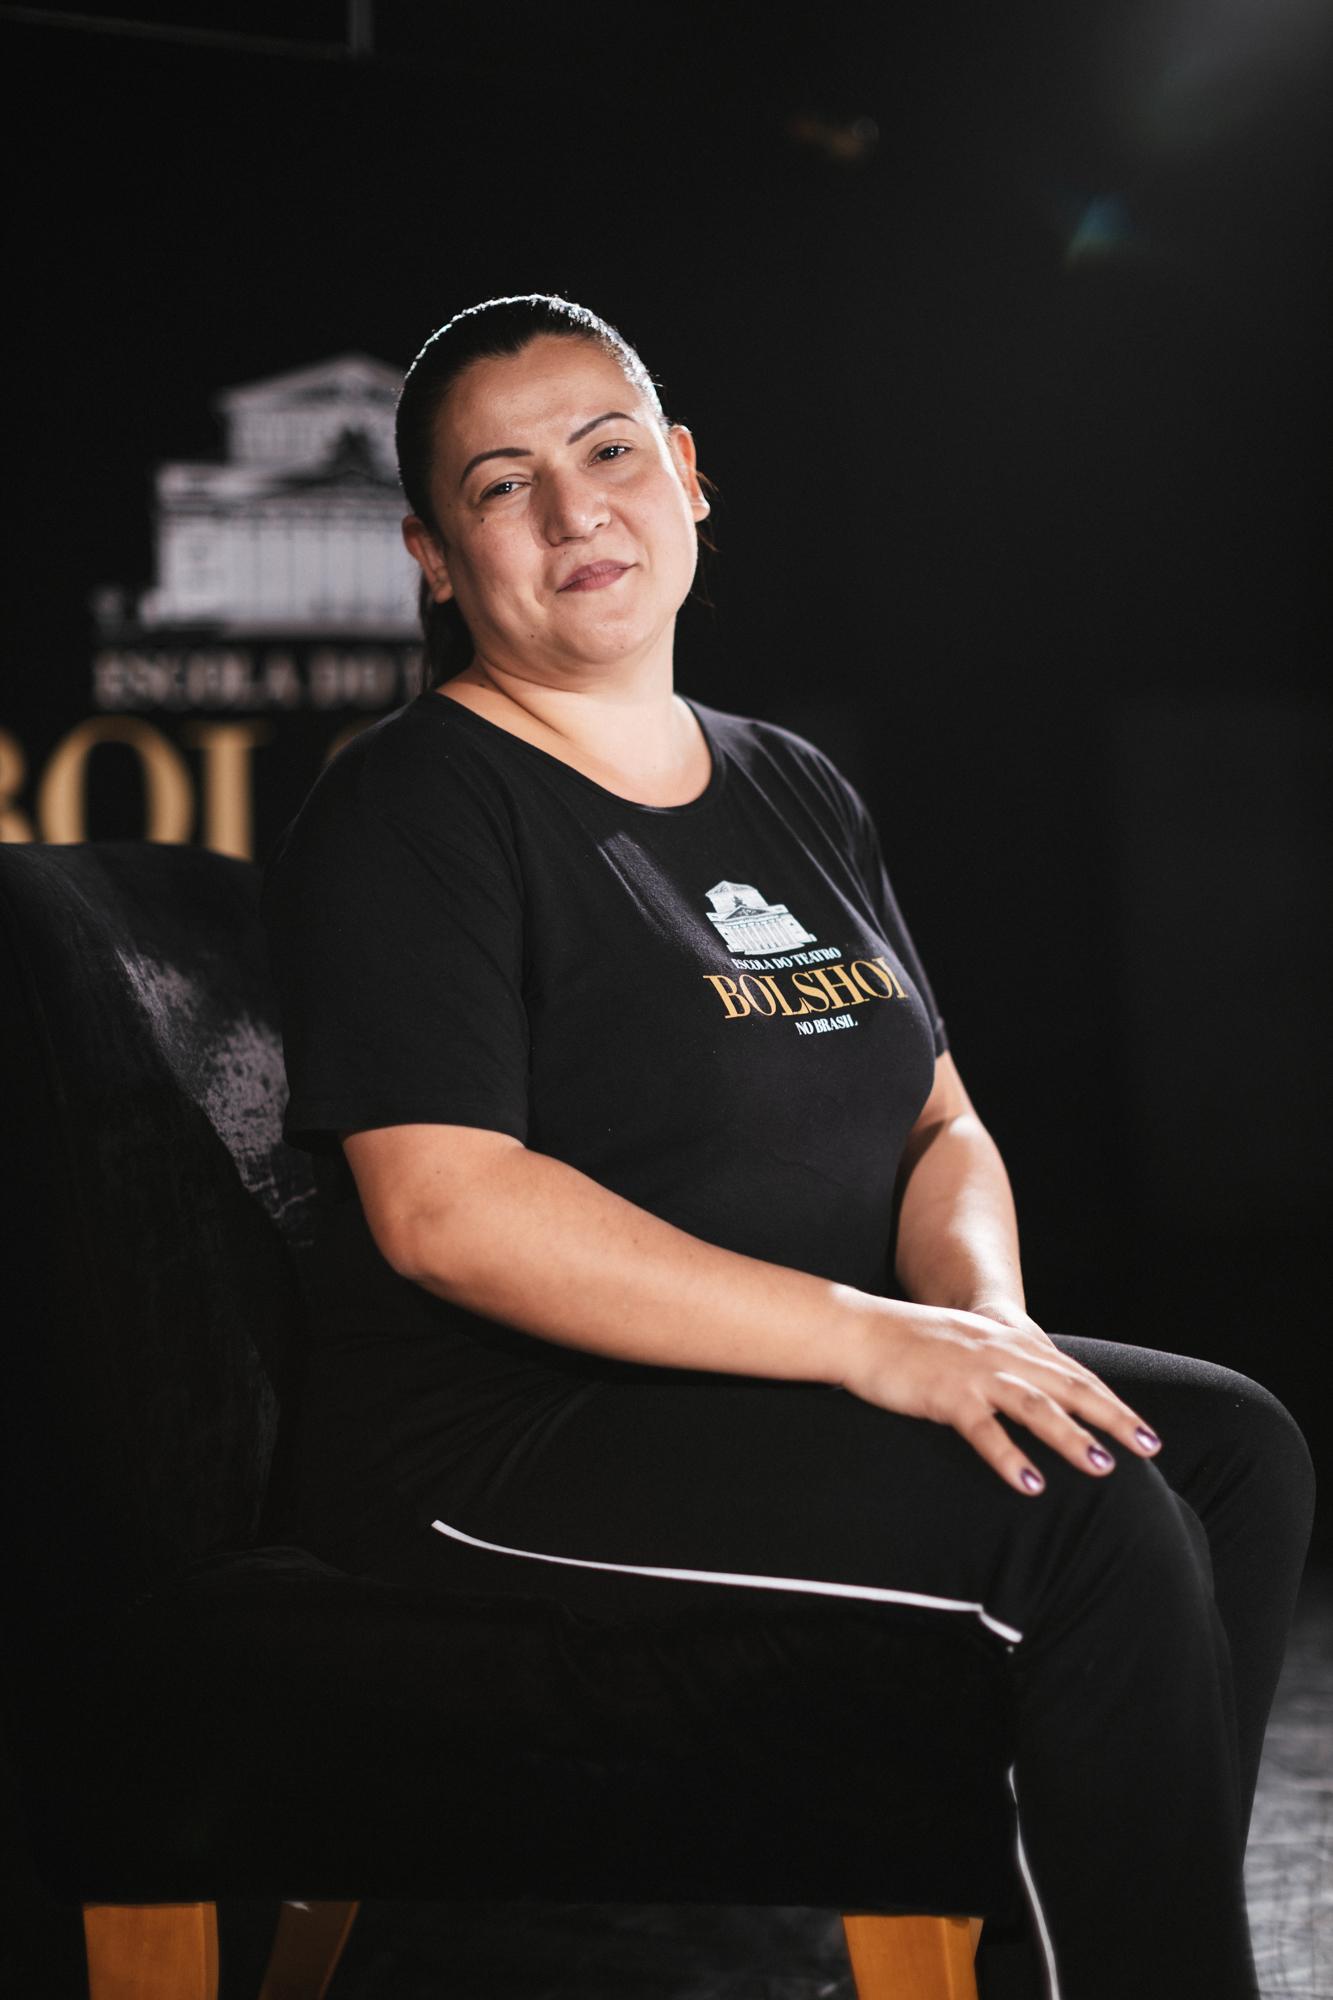 Conheça a Gabi, Supervisora de Limpeza da Escola Bolshoi